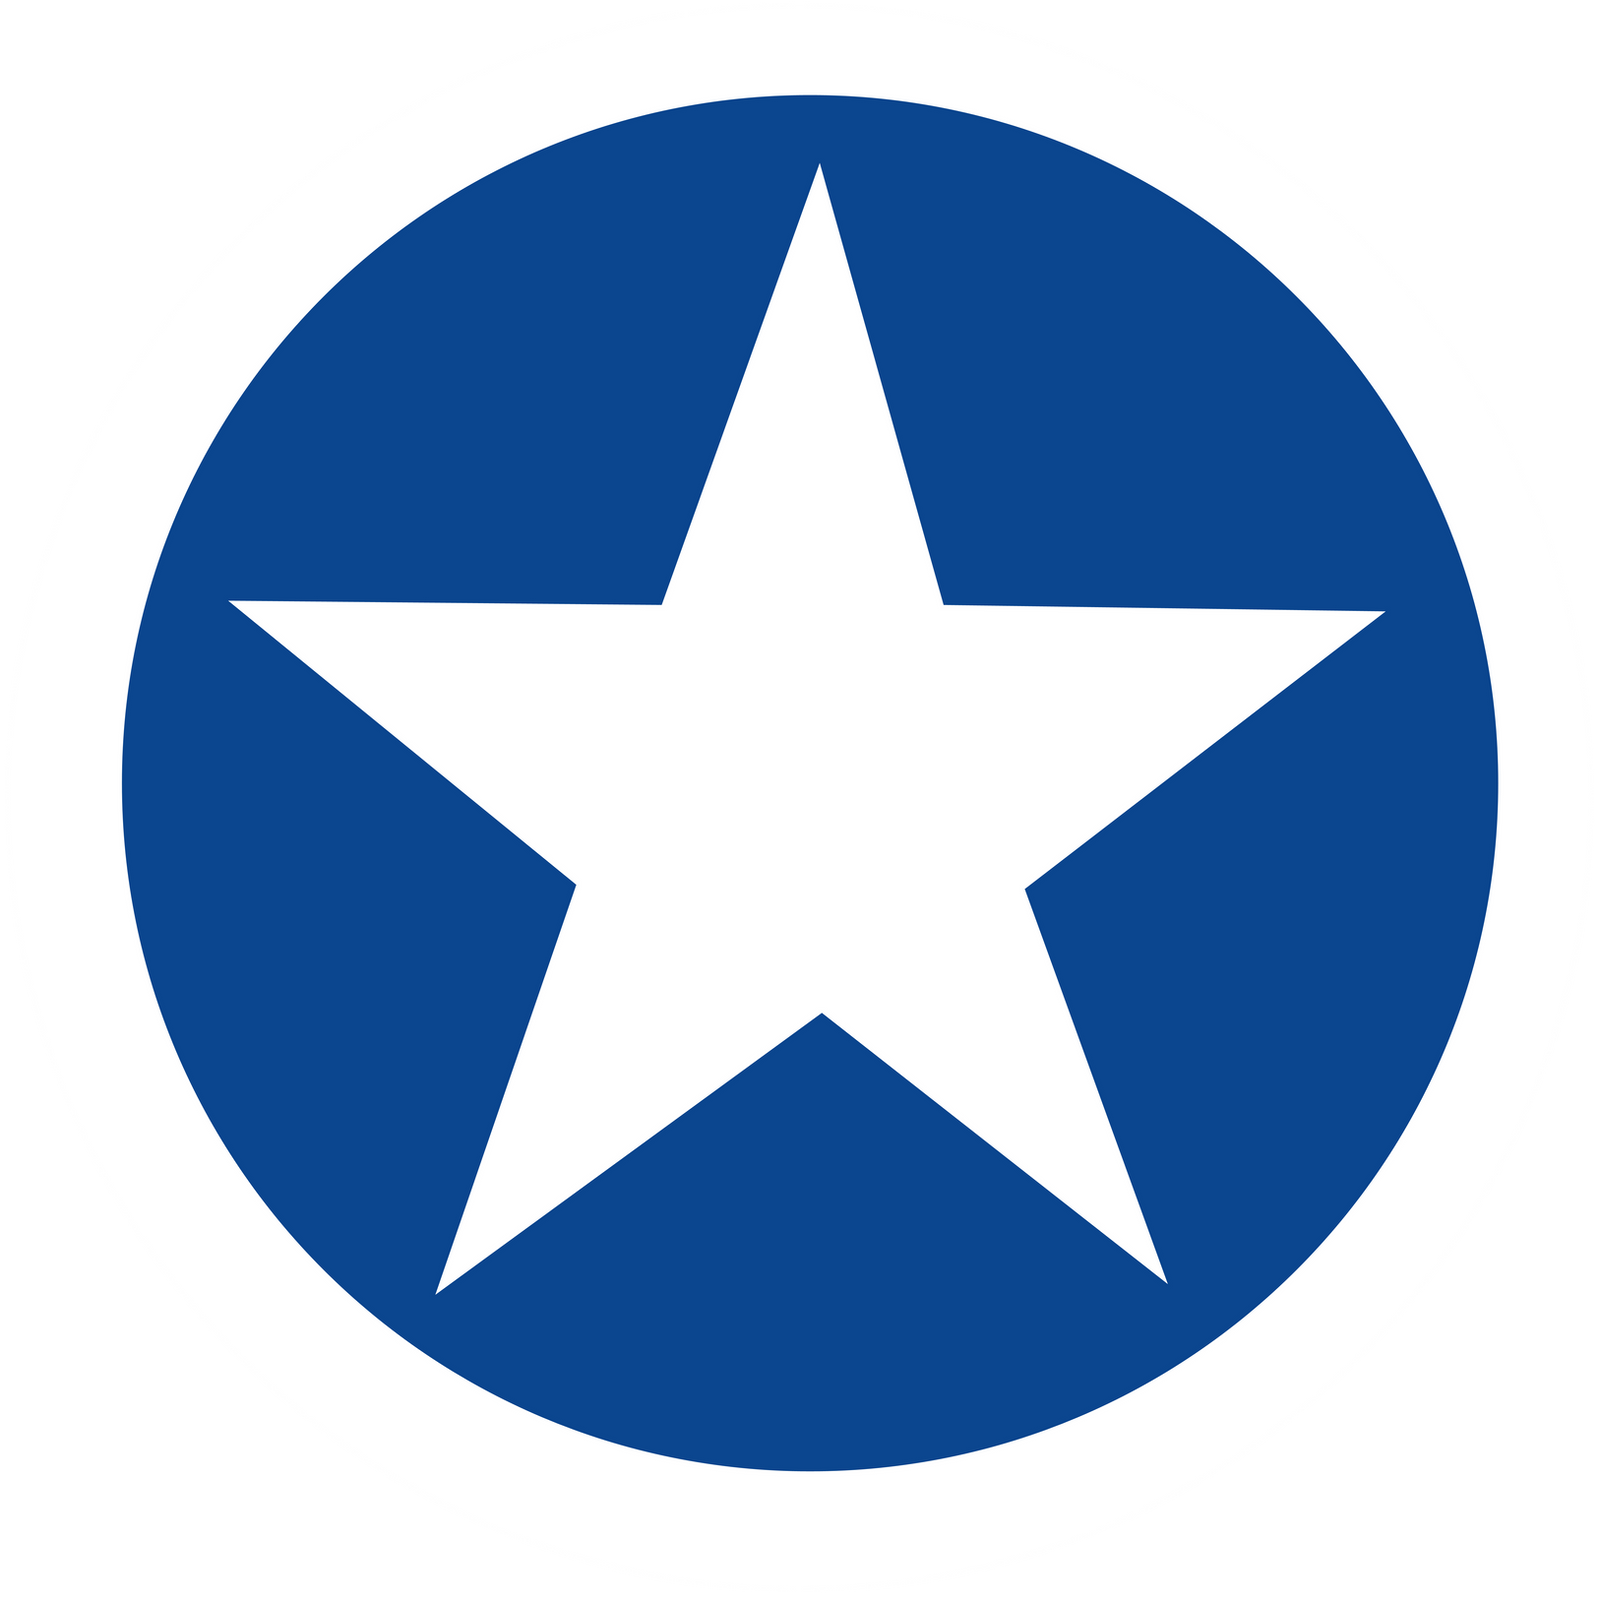 gamestar logo